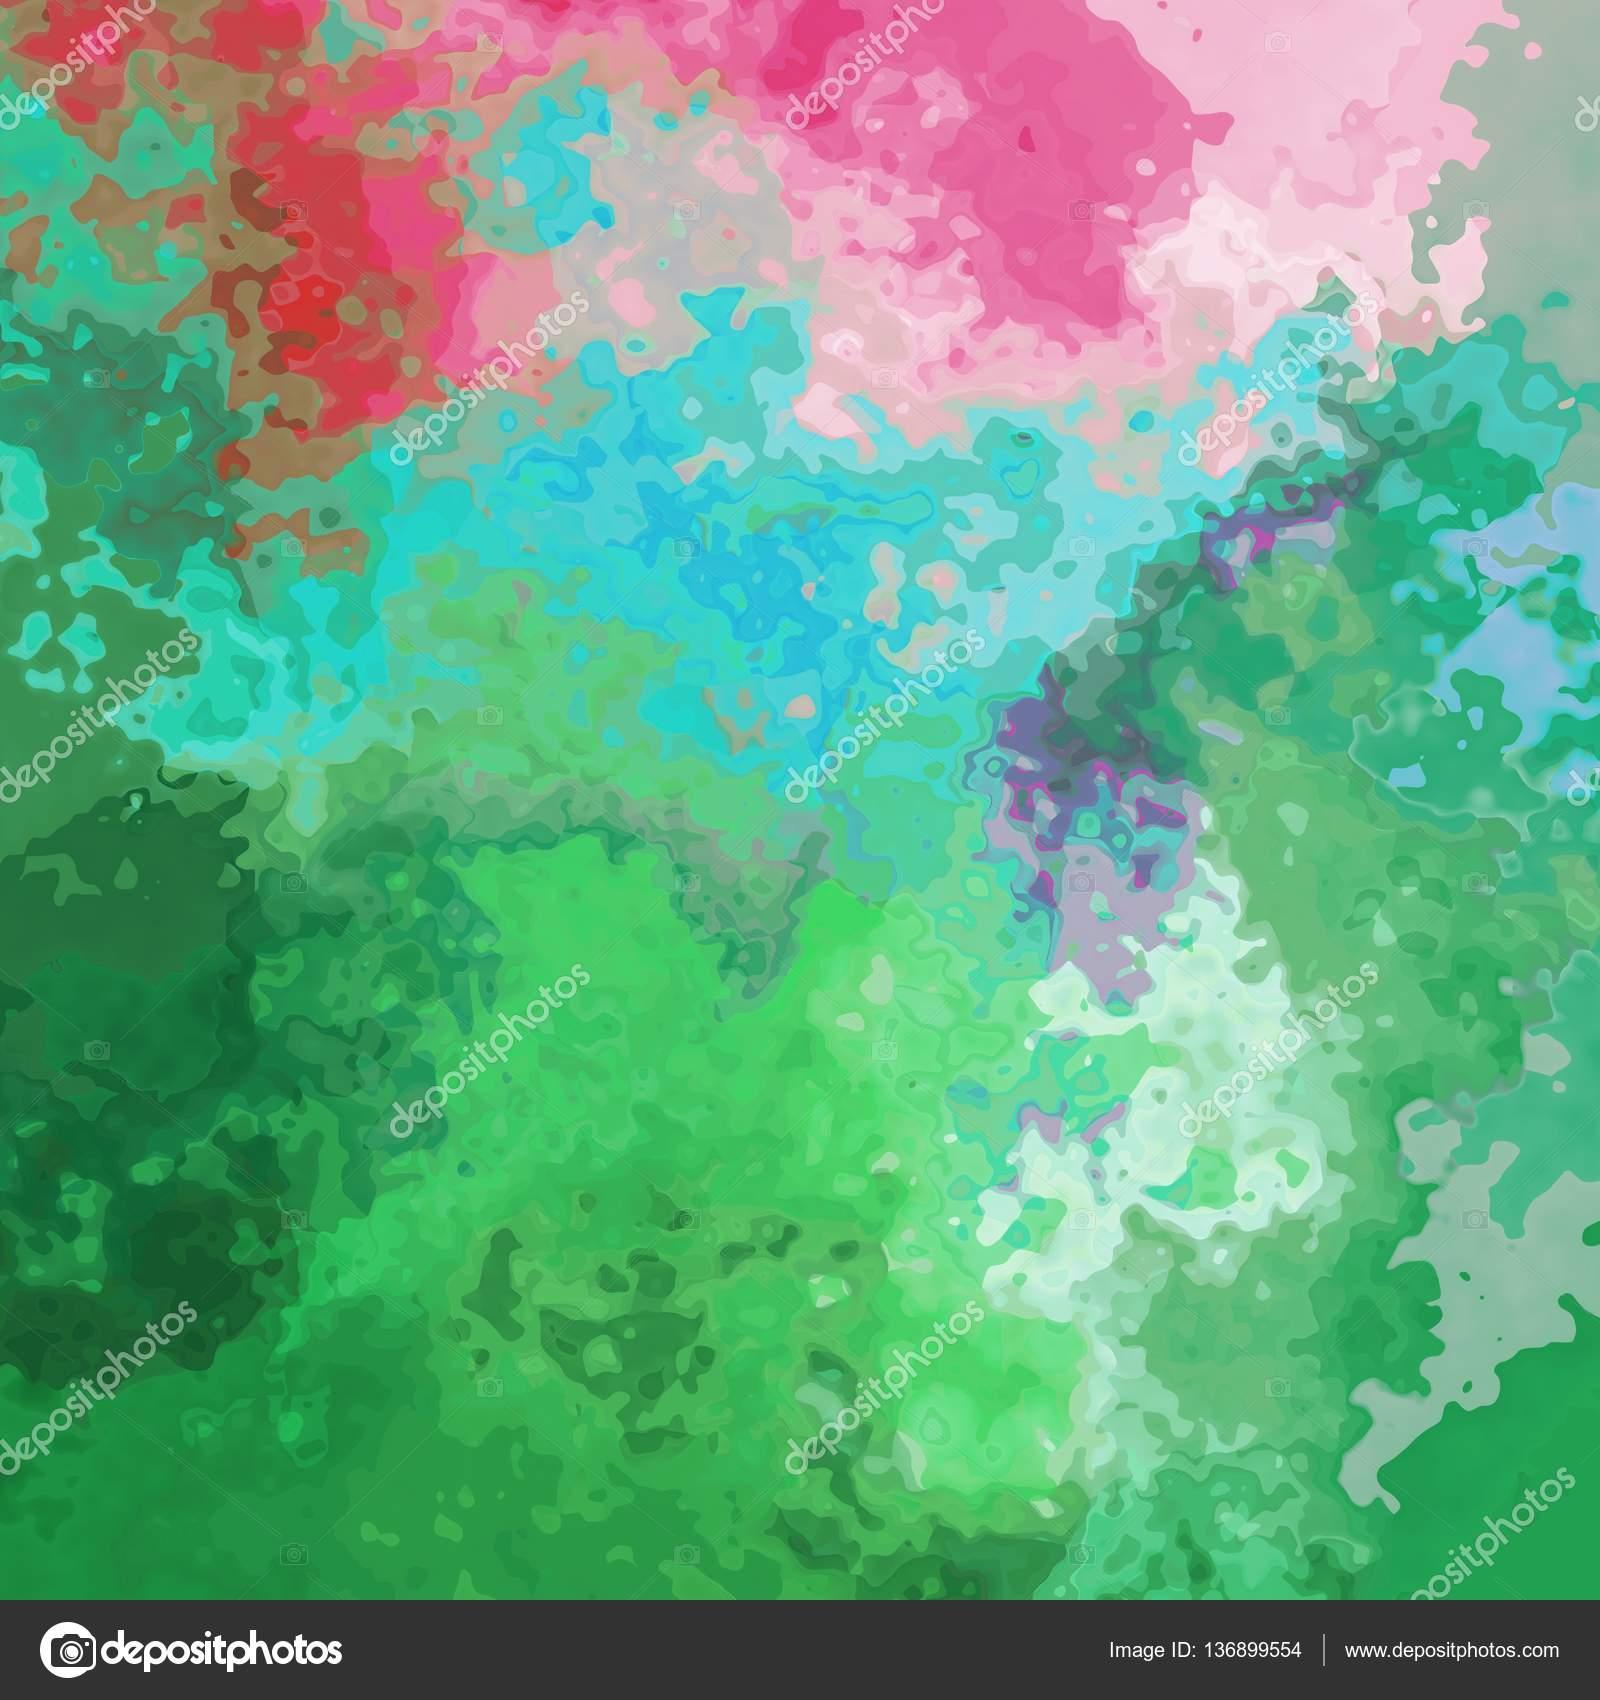 Absztrakt festett minta textúra háttér tavaszi zöld és rózsaszín pasztell  színek a fekete körvonalai - a modern festészet művészet– stock kép 57a586a7db